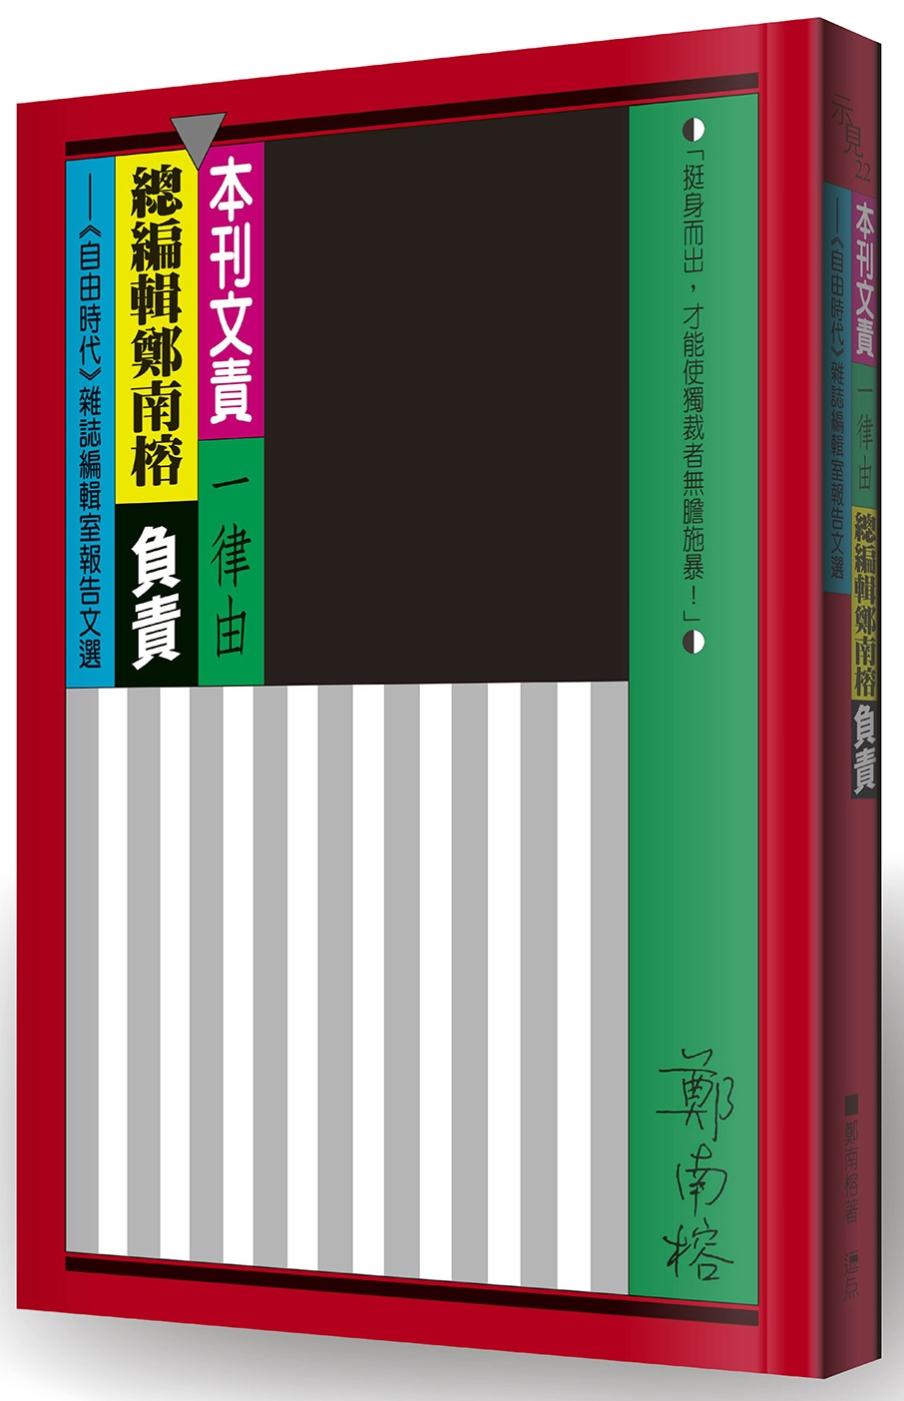 本刊文責一律由總編輯鄭南榕負責:《自由時代》雜誌編輯室報告文選